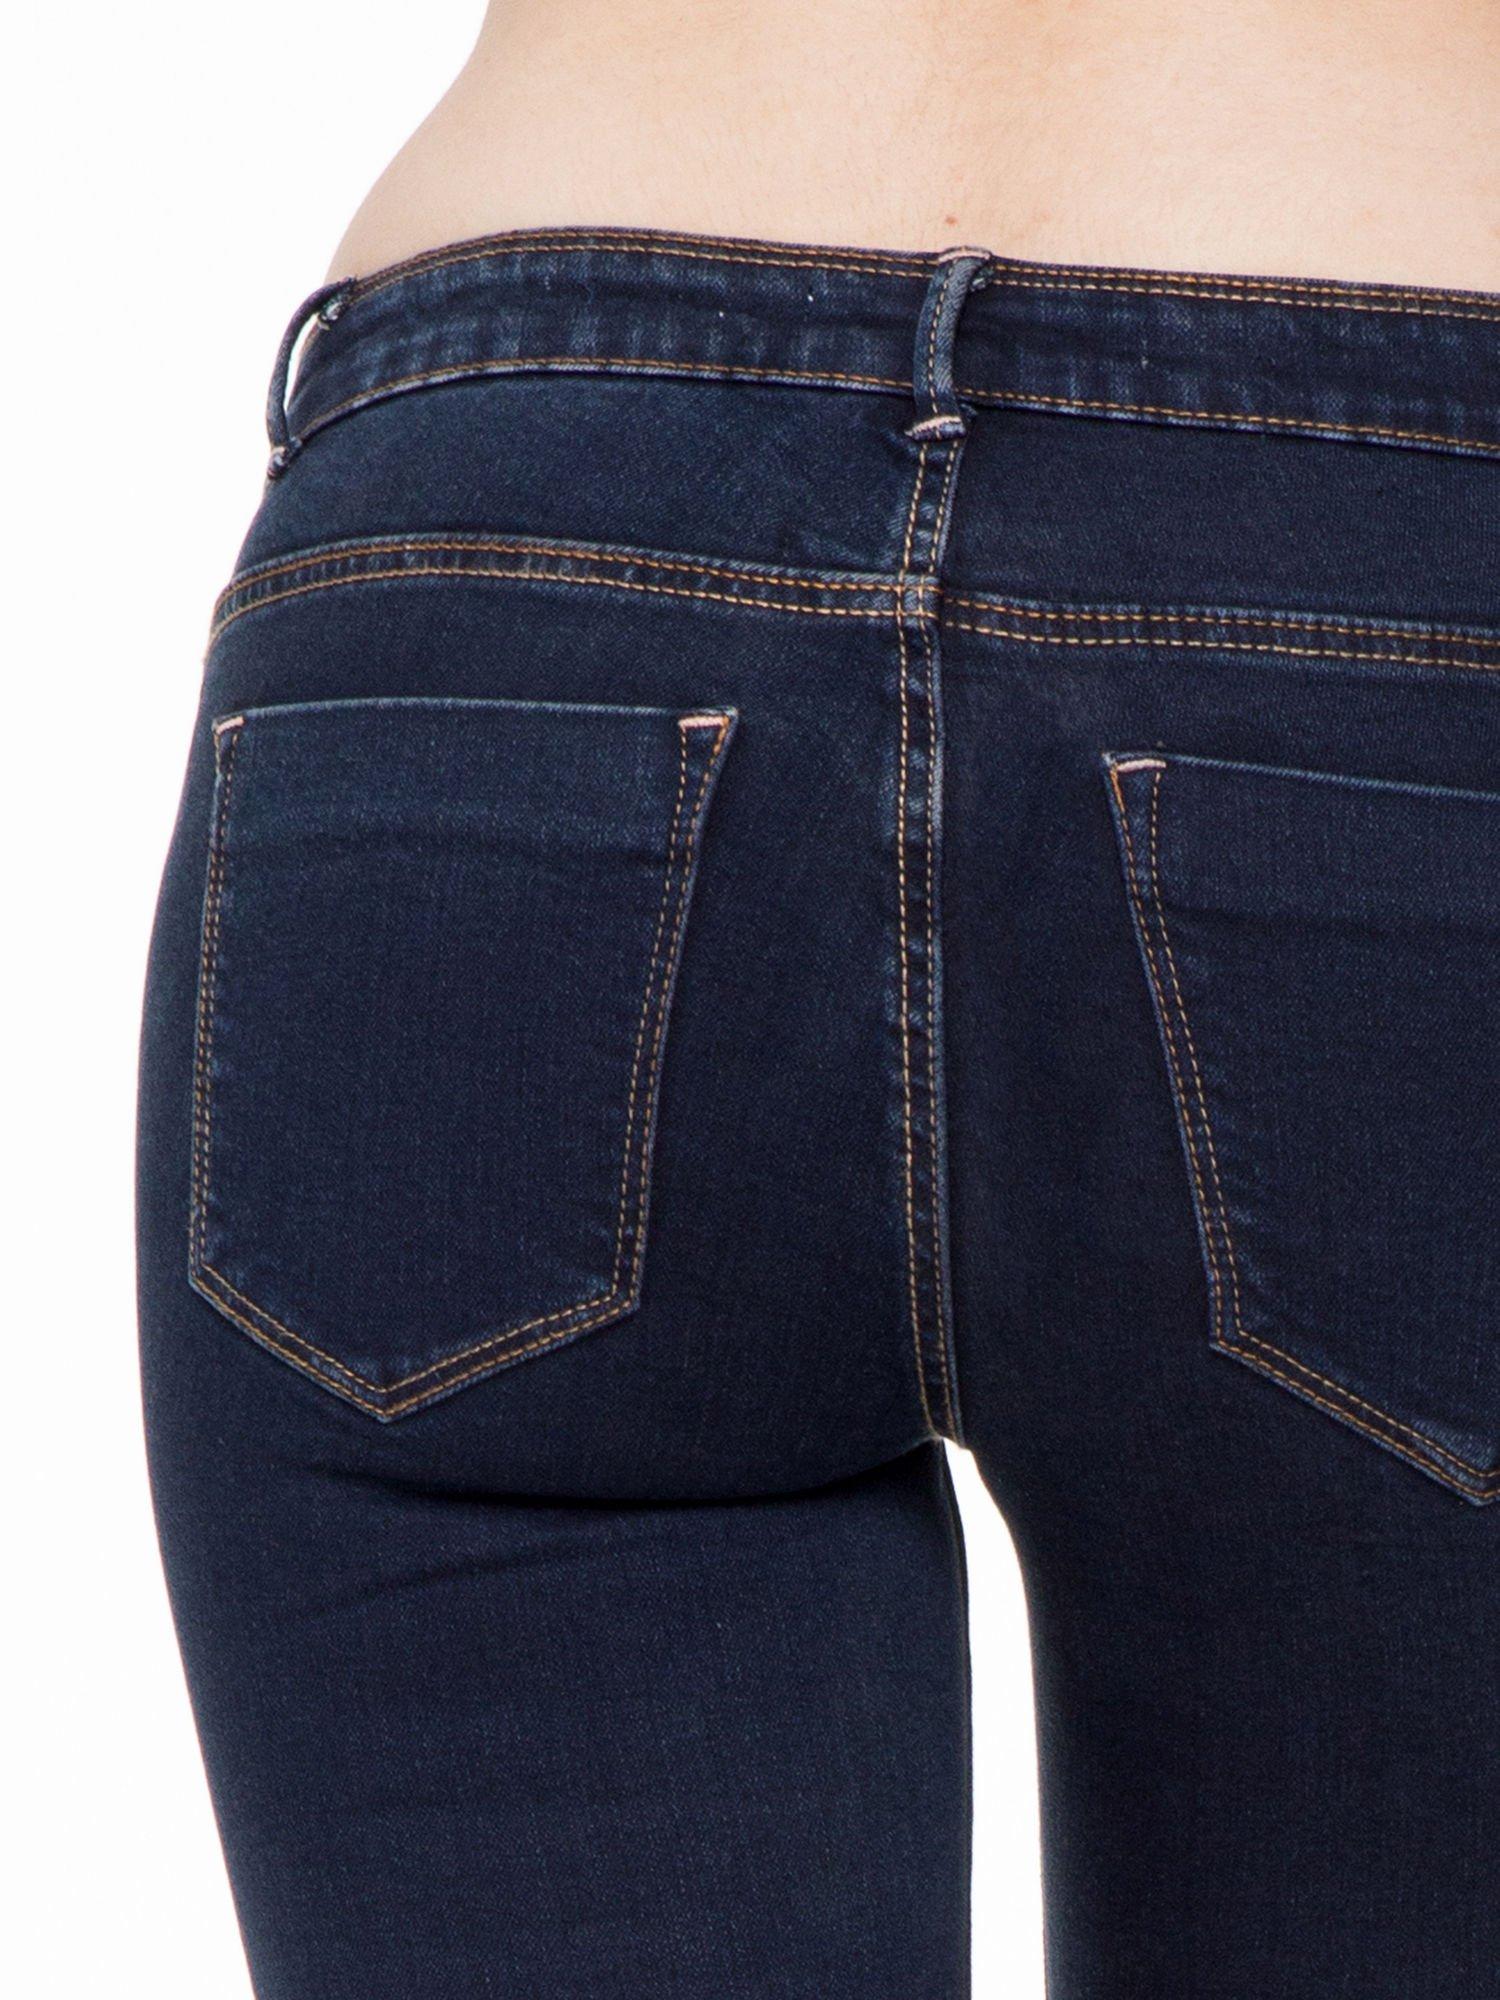 Granatowe spodnie jeansowe rurki 7/8                                  zdj.                                  6